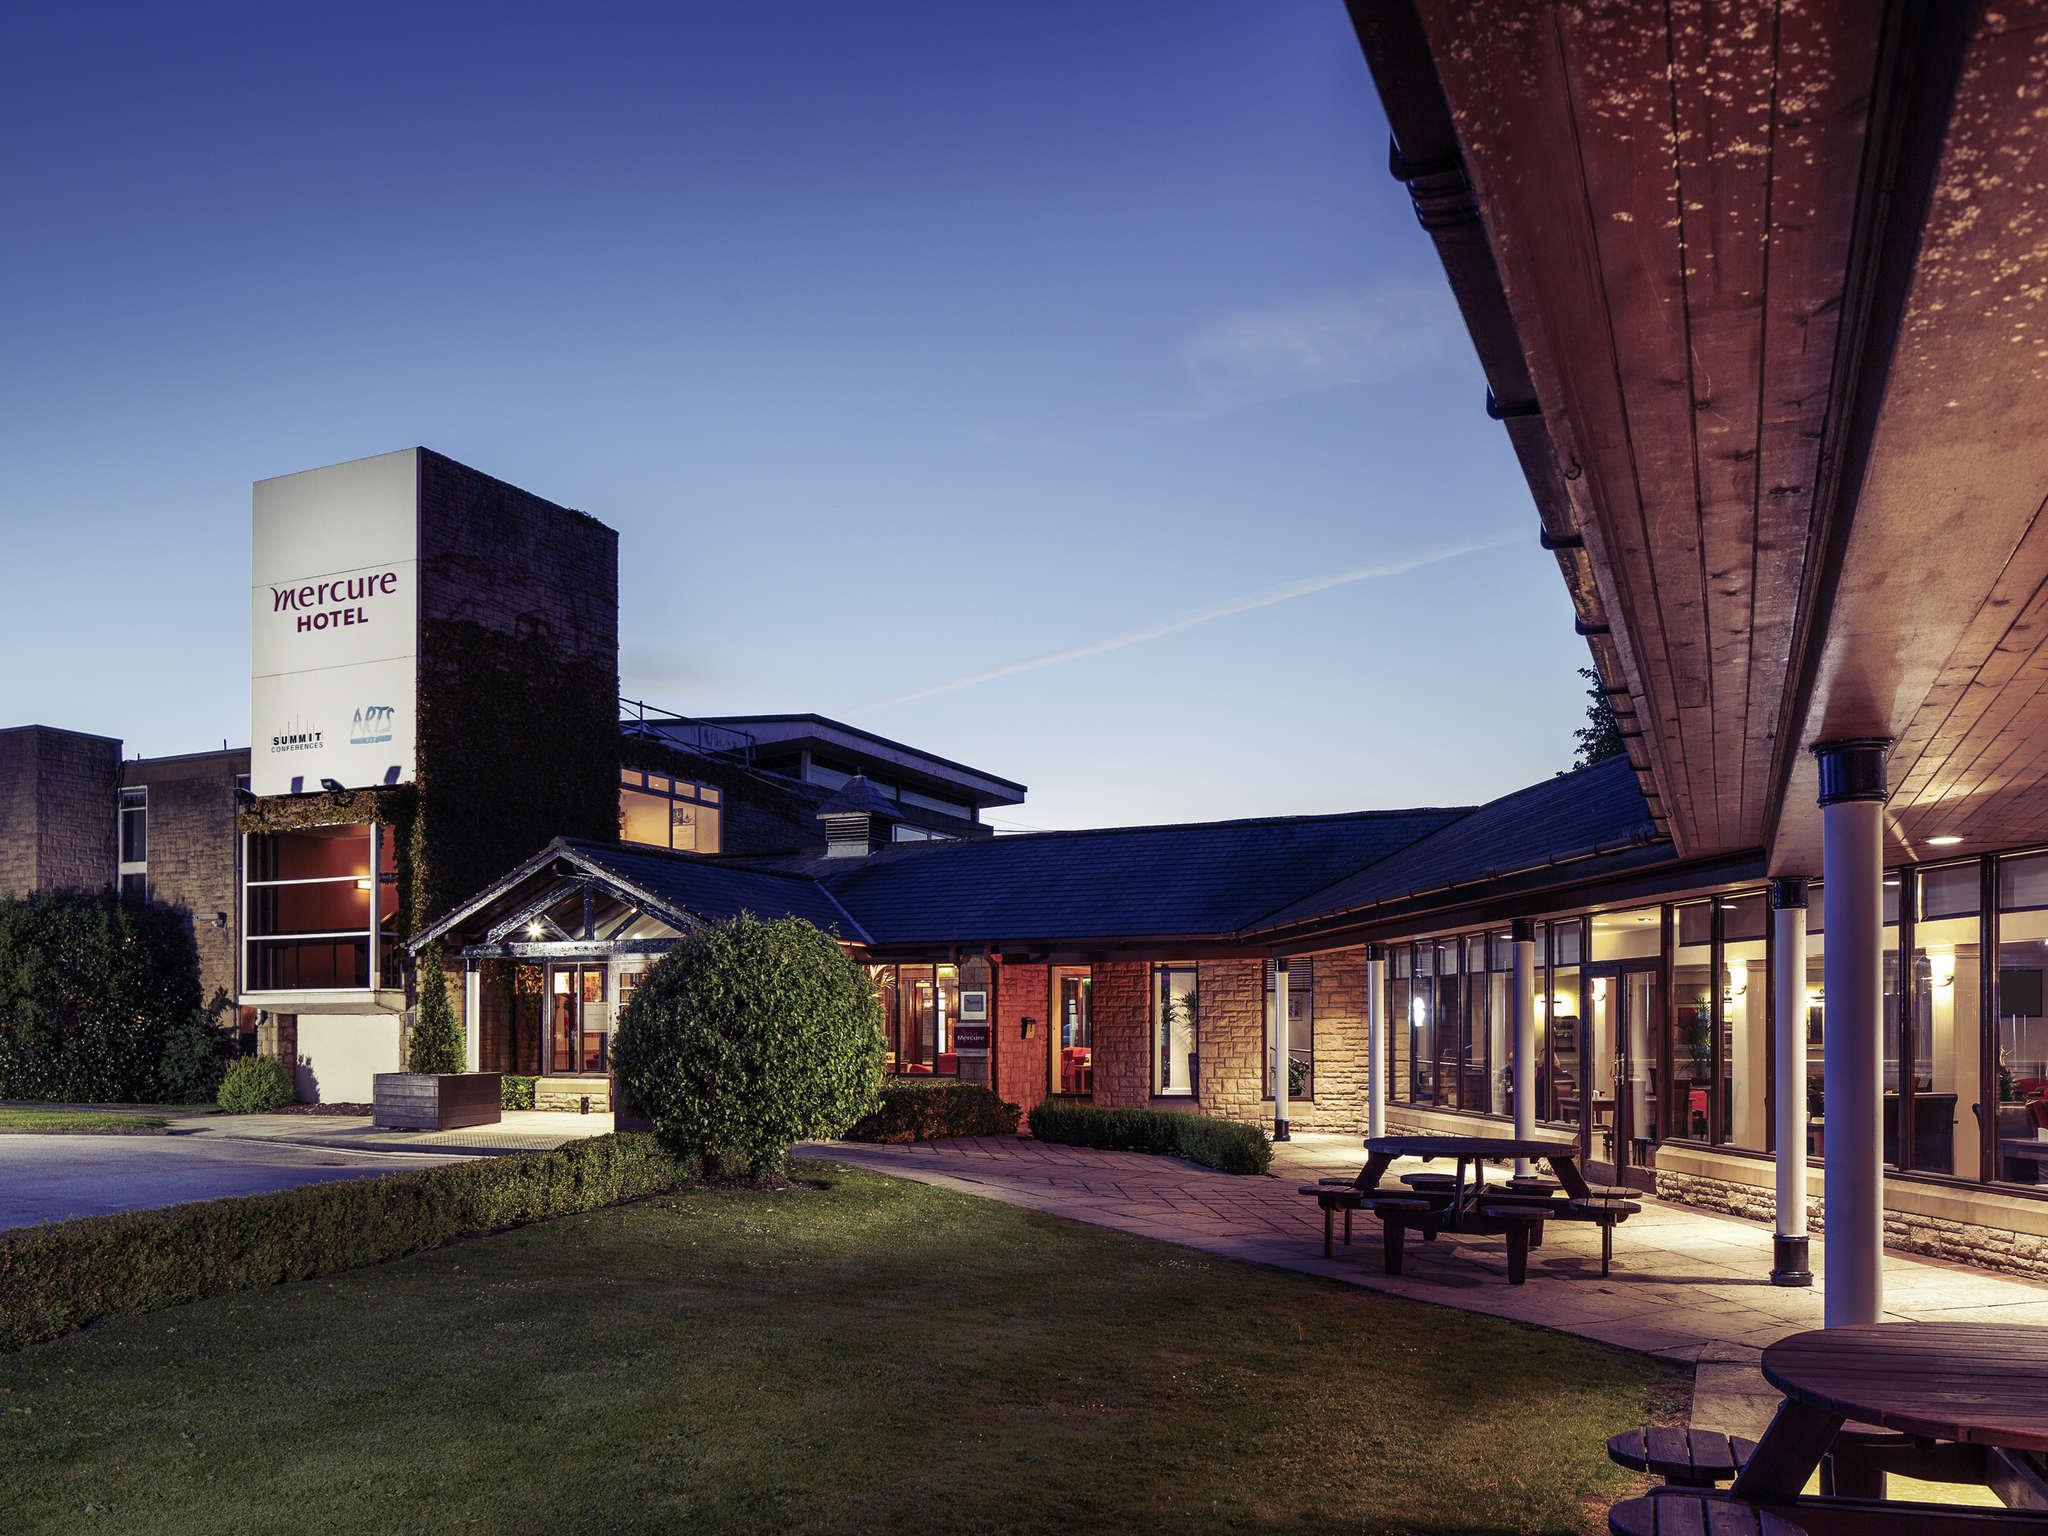 Hotel Mercure Wetherby